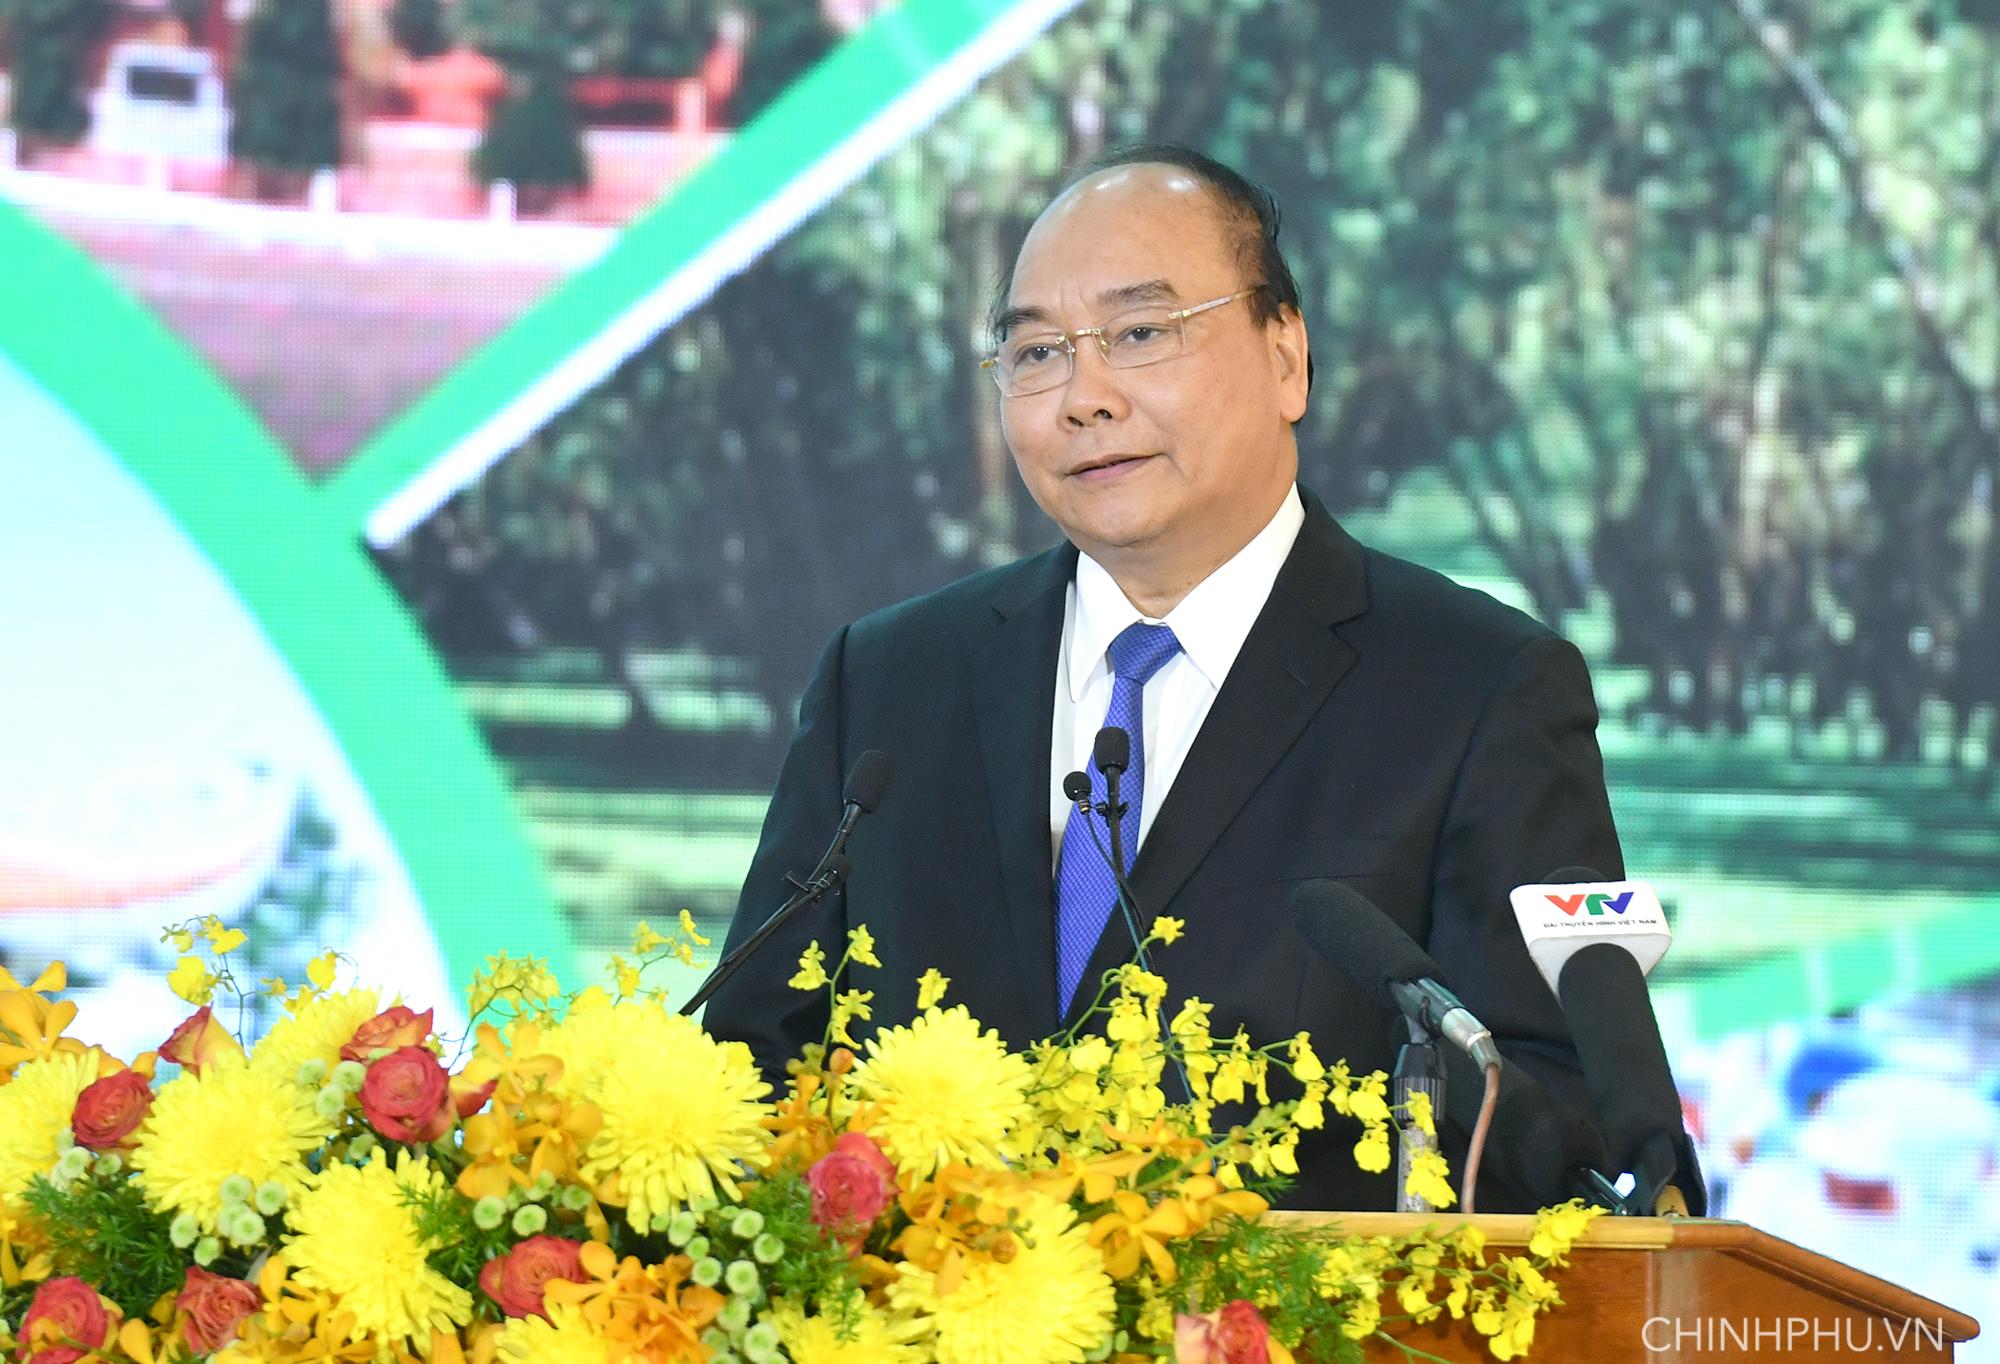 Thủ tướng chỉ ra các 'từ khóa' phát triển cho An Giang